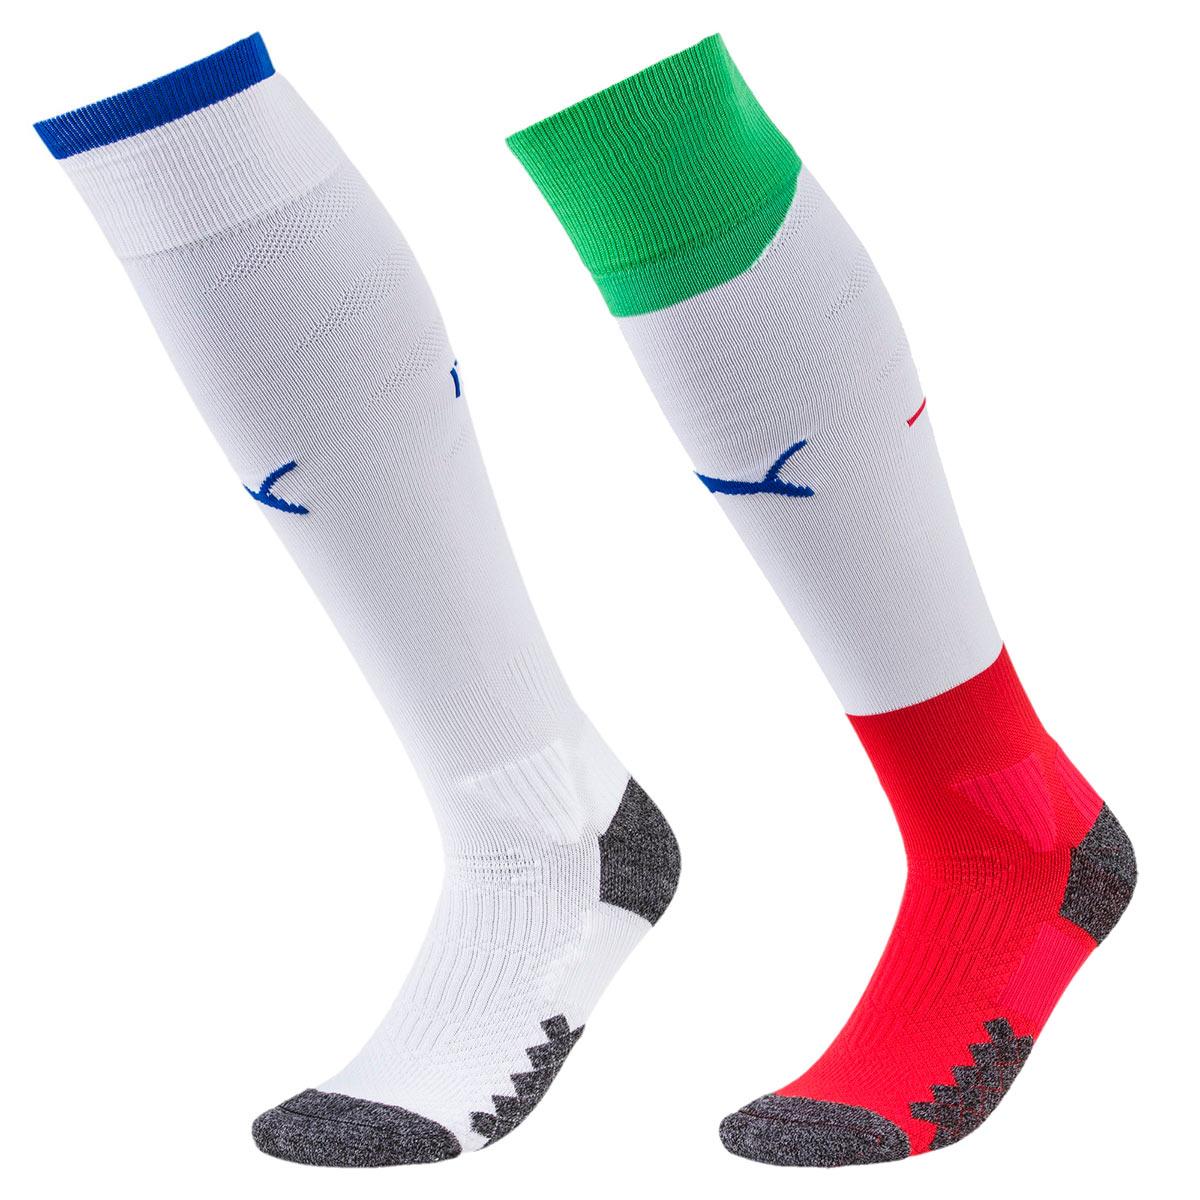 Seconda maglia Italia 2018-2020 Puma, bianca e azzurra con tricolore